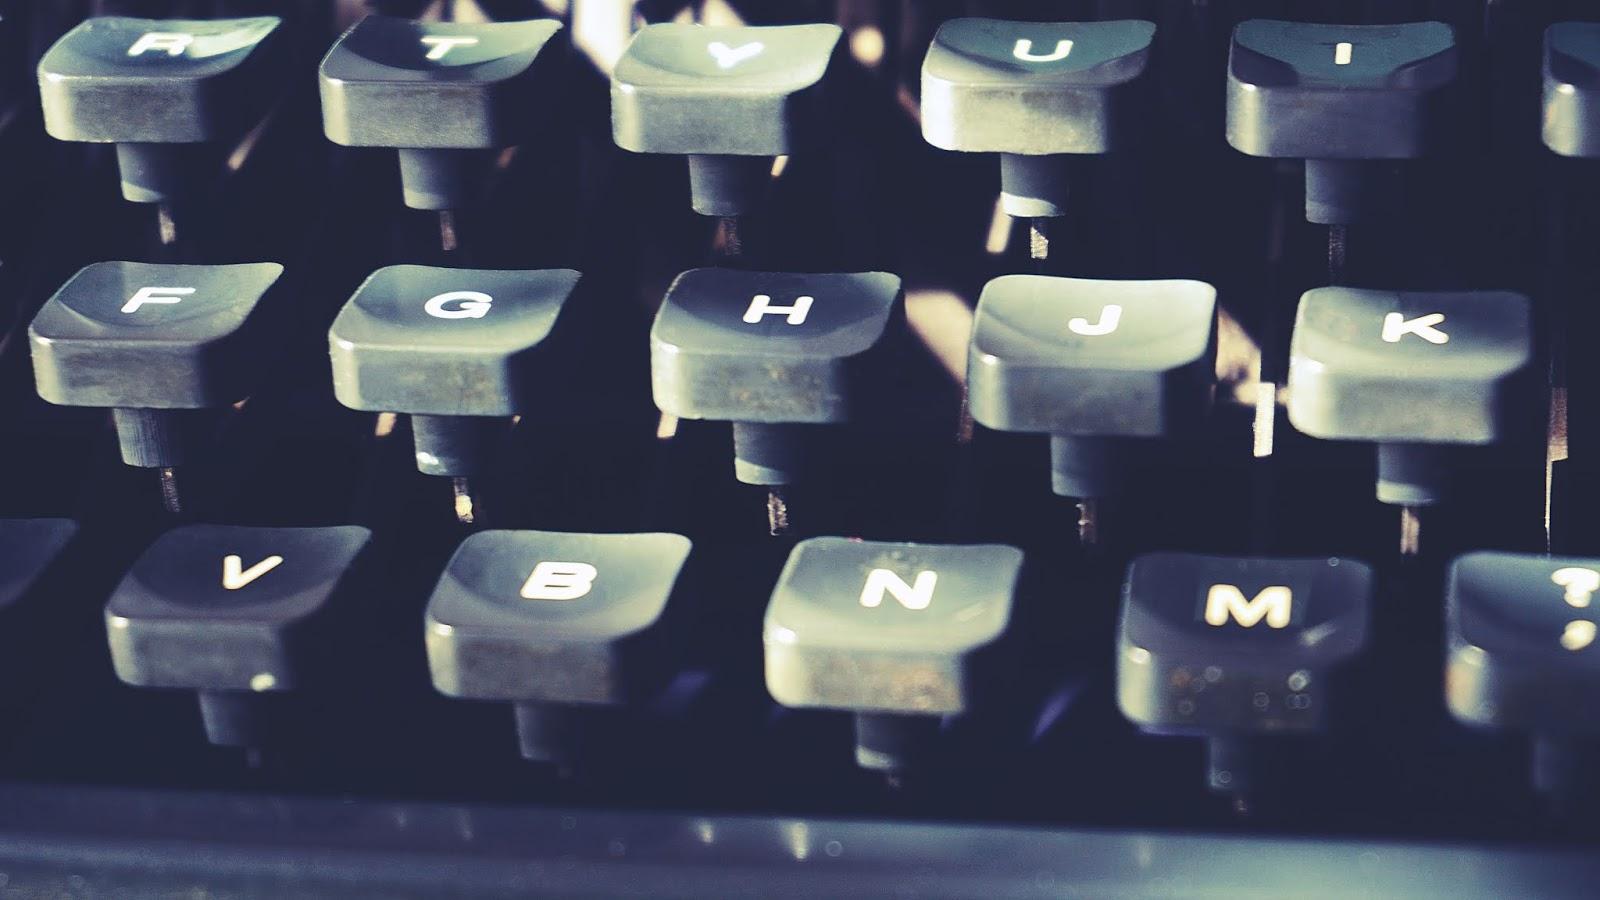 إزاي ابقى مؤلف - إزاي أكون مؤلف - كيف أكون مؤلف - إزاي أكون مؤلف روايات - إزاي أكون مؤلف روائي